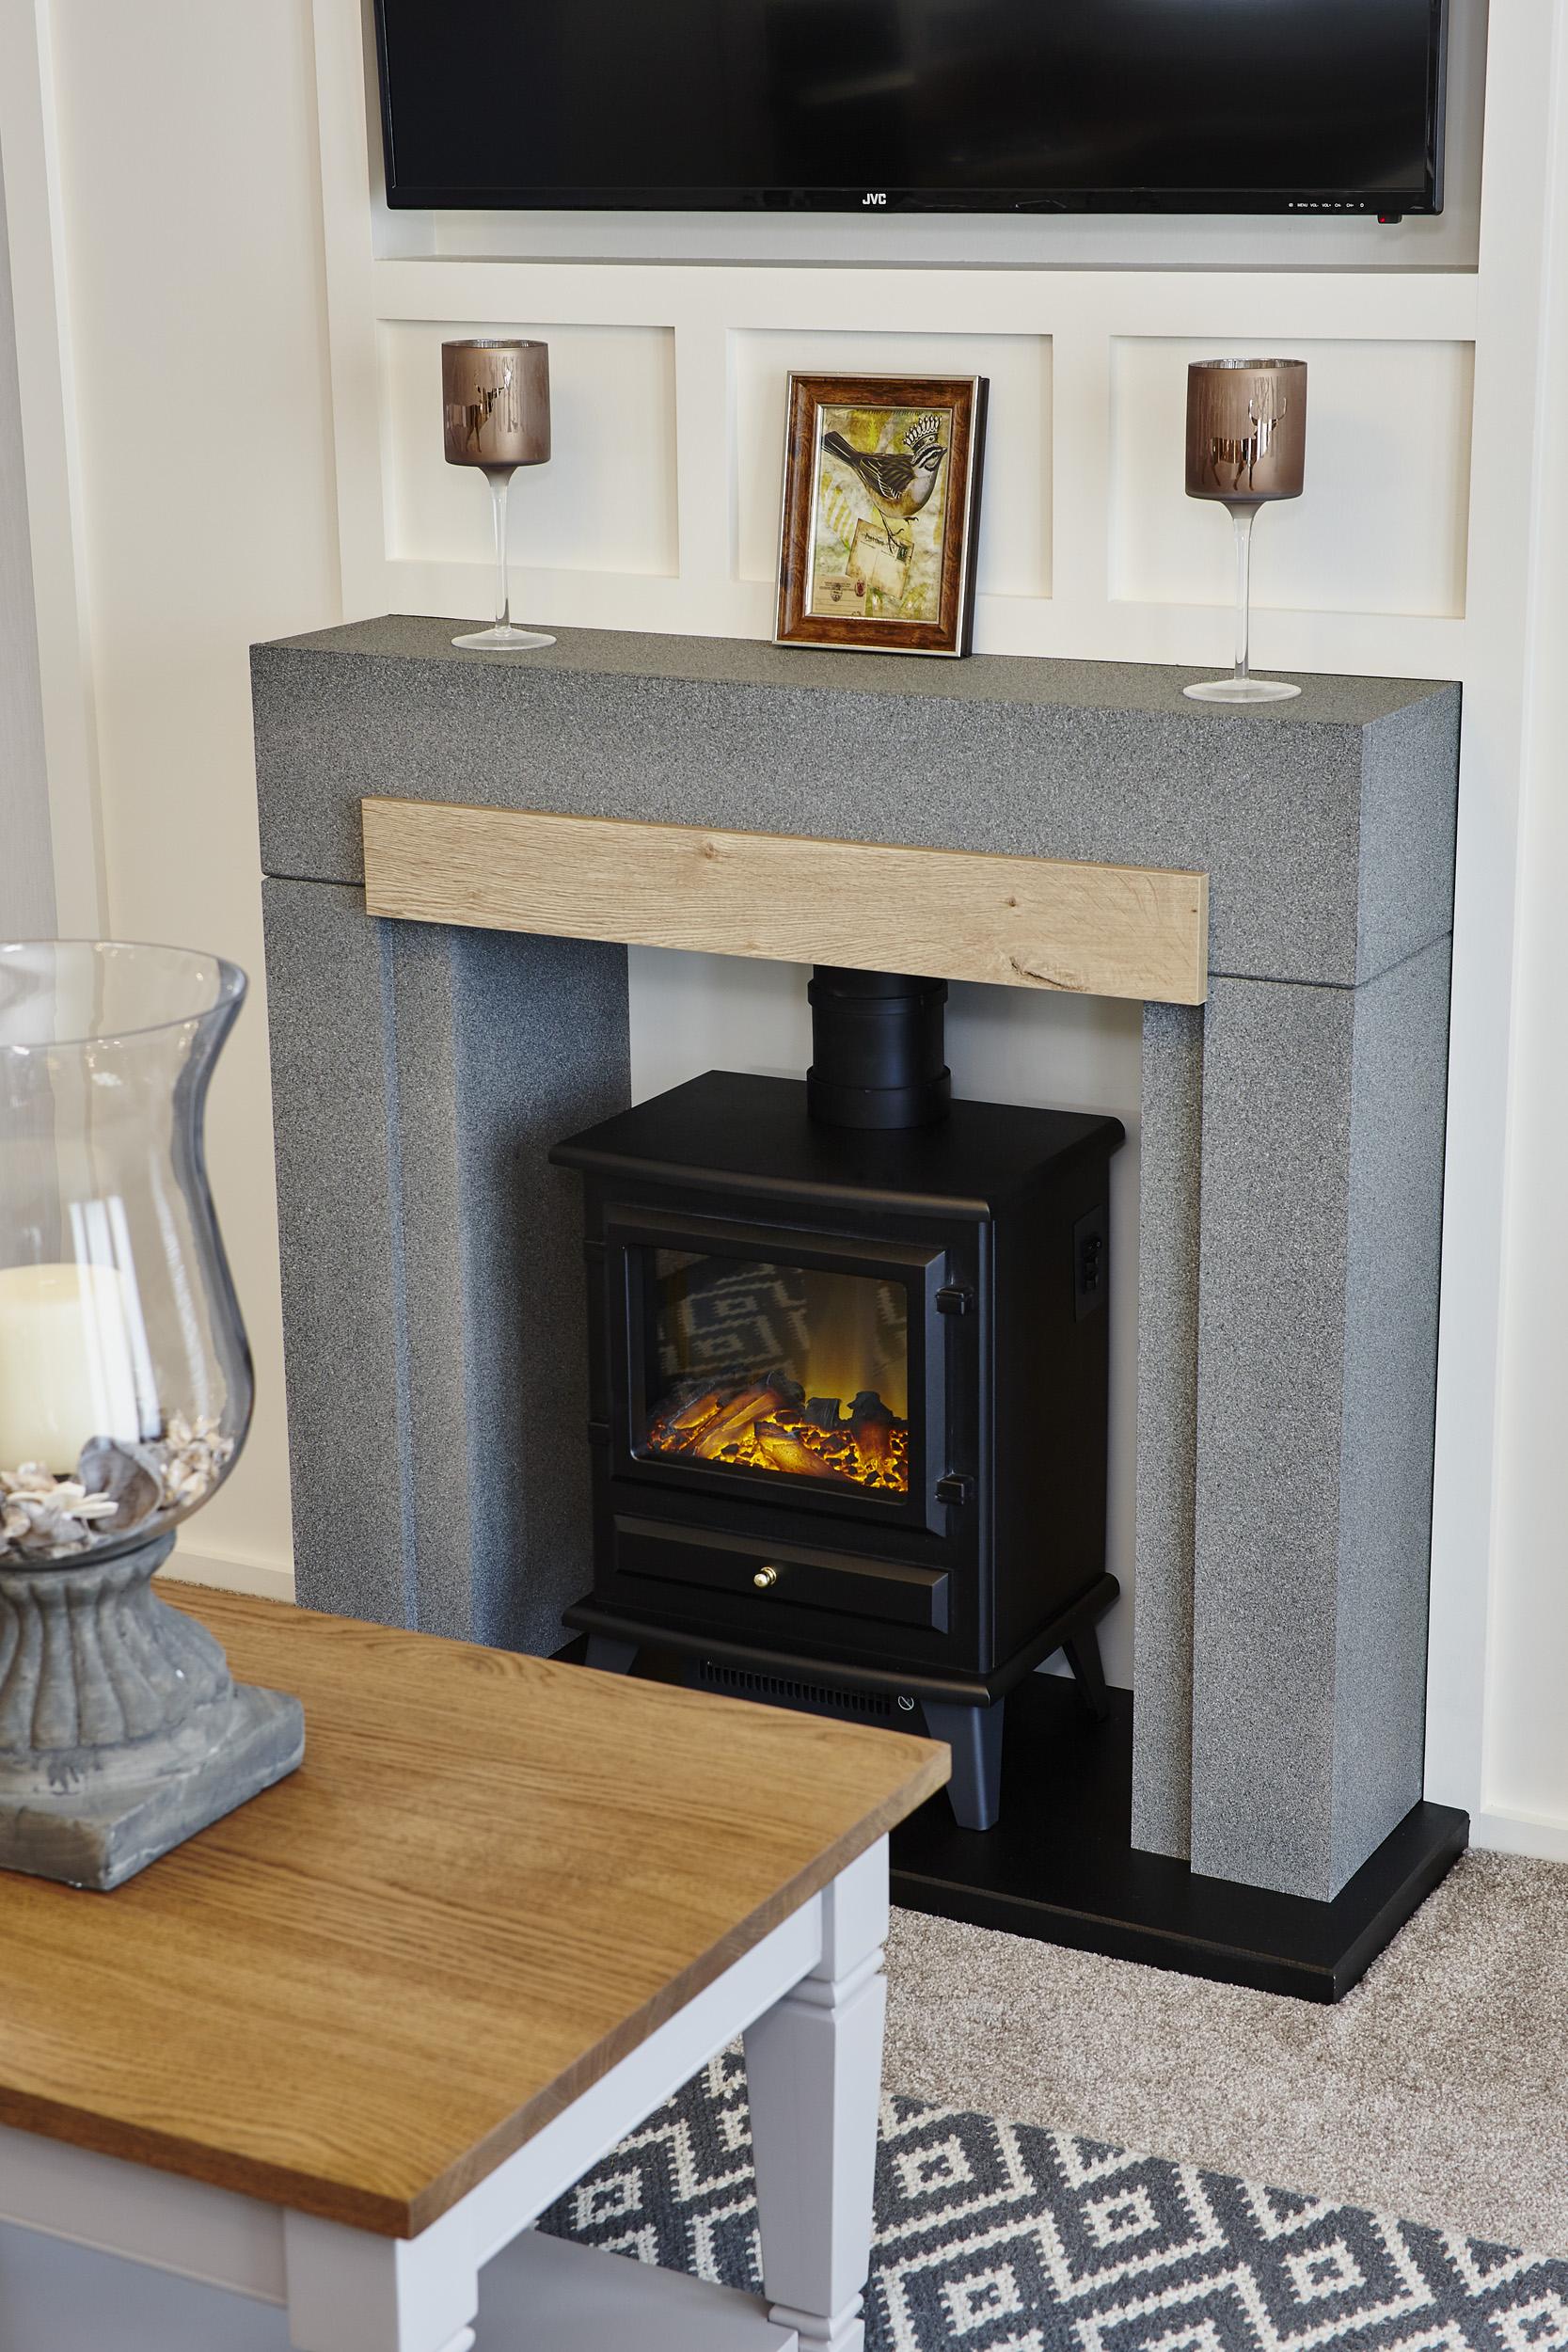 The Muskoka lodge, fireplace